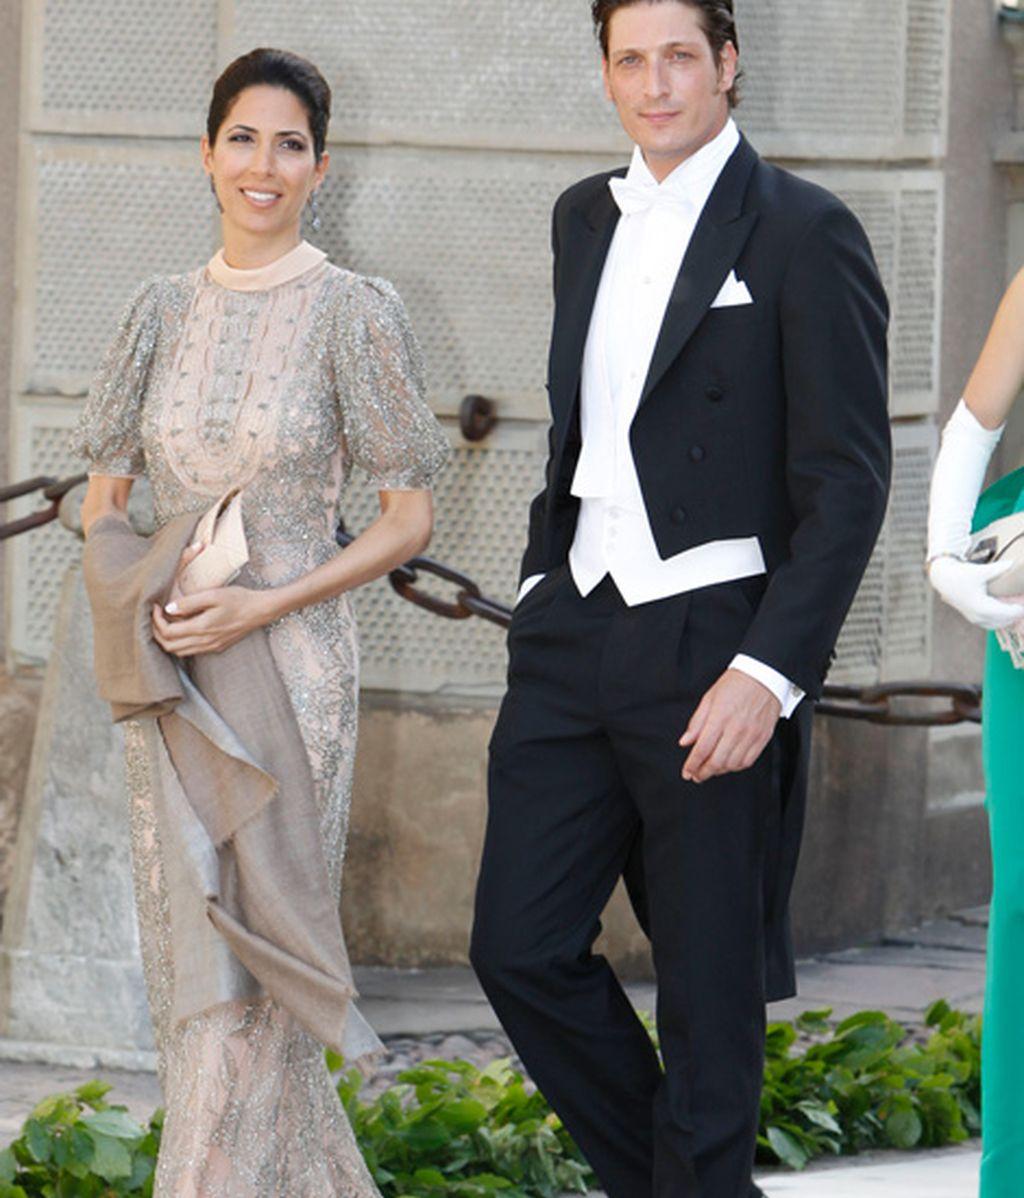 Luis Medina y la princesa Madeleine